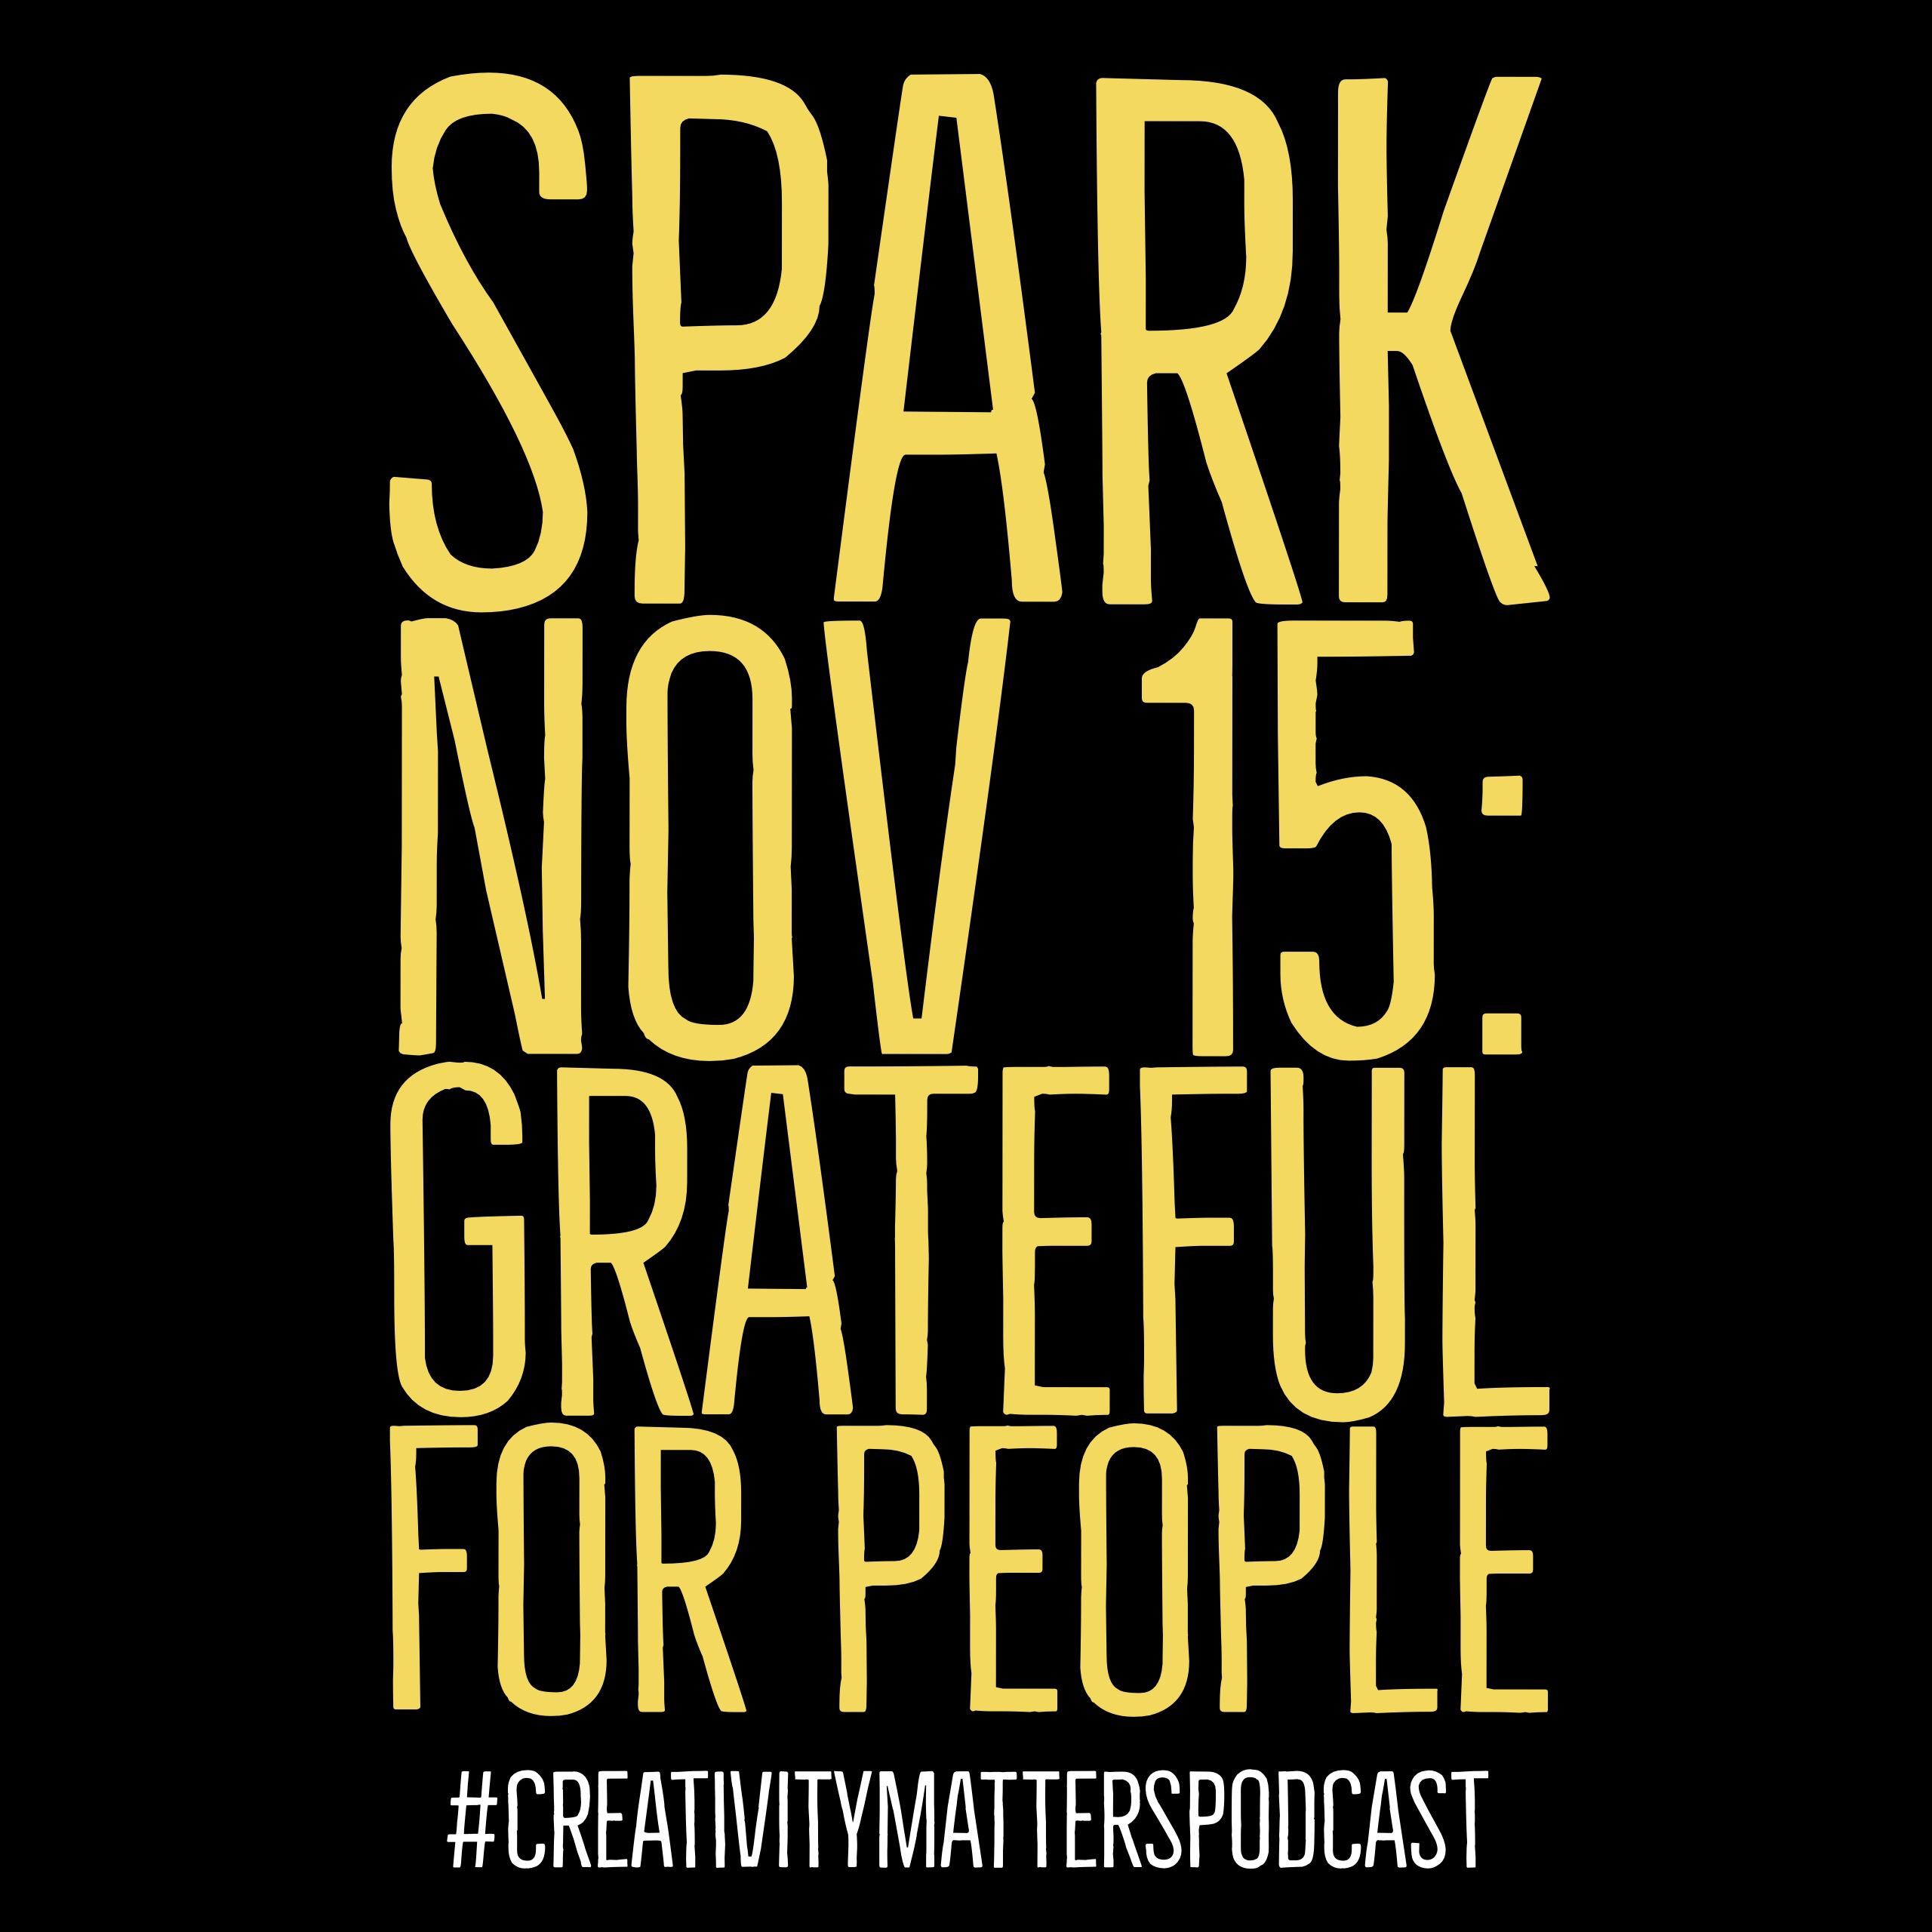 Spark 15: Grateful for People